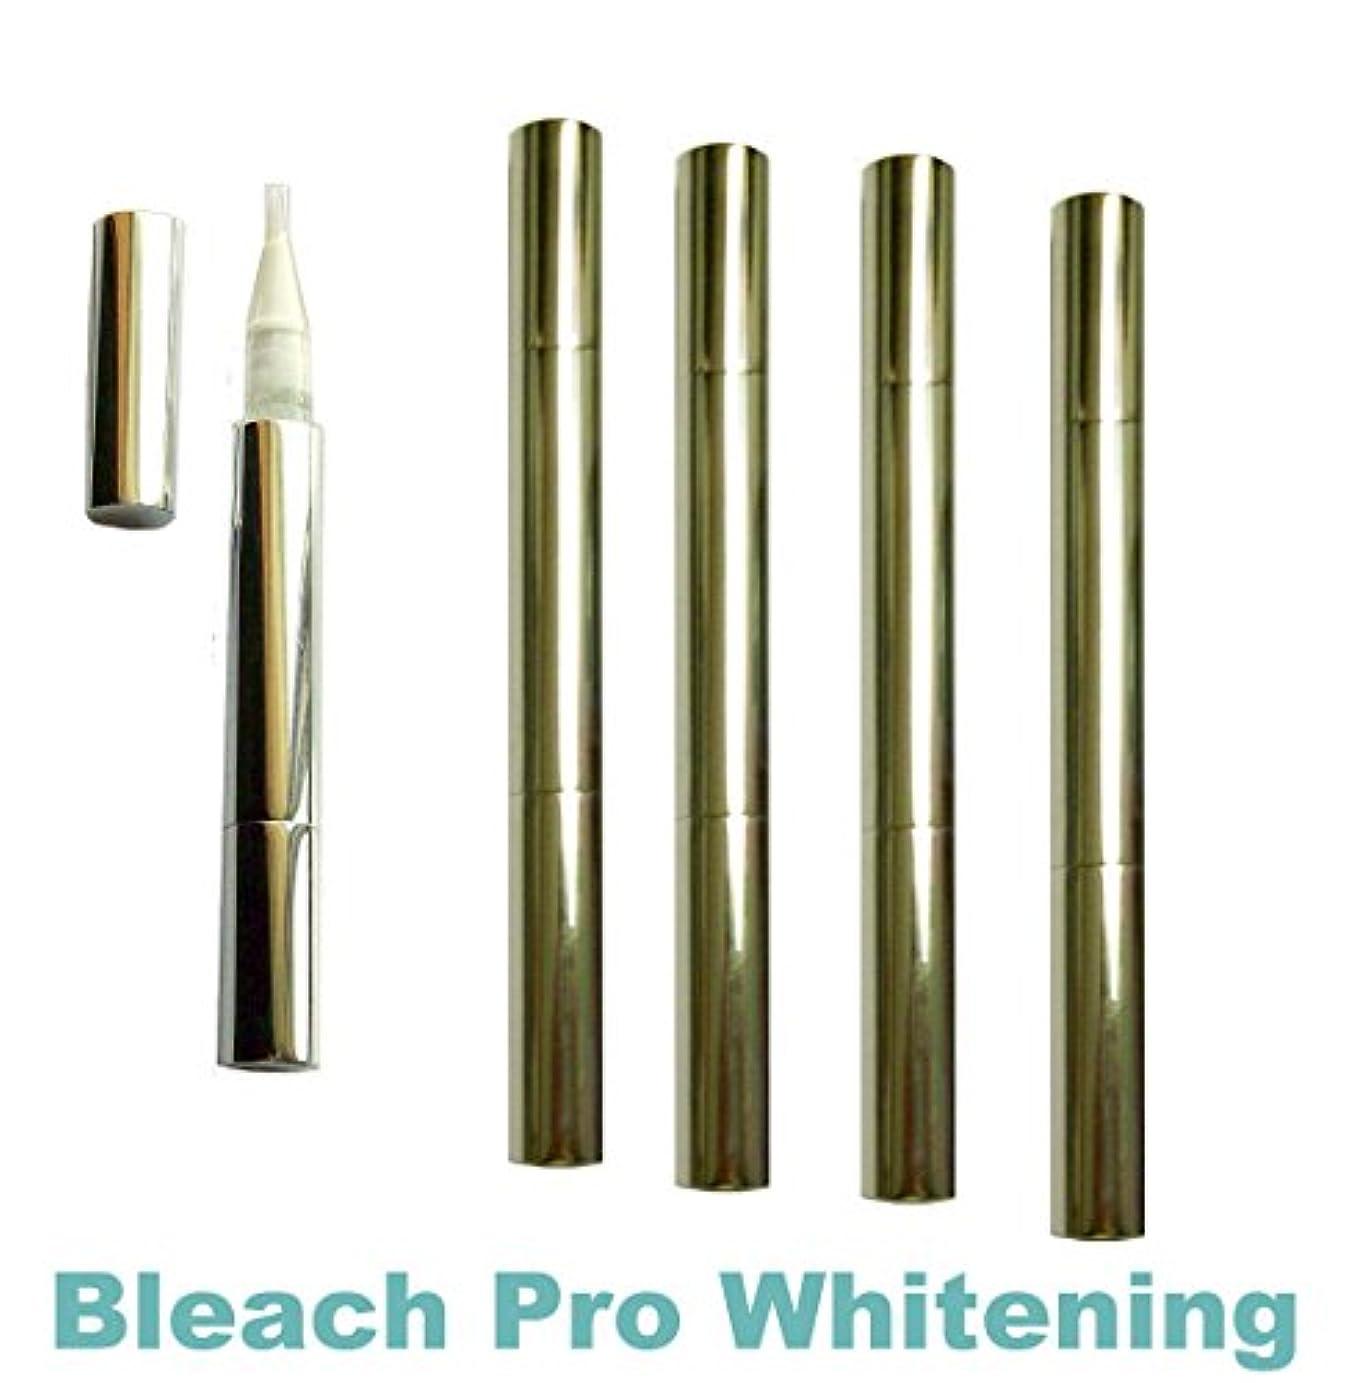 その後ヒギンズ浜辺Teeth Whitening Gel Pens 35% Carbamide Peroxide Tooth Bleaching Formula Pen with Brush Tip Gel Dispenser. 5 Whitening...